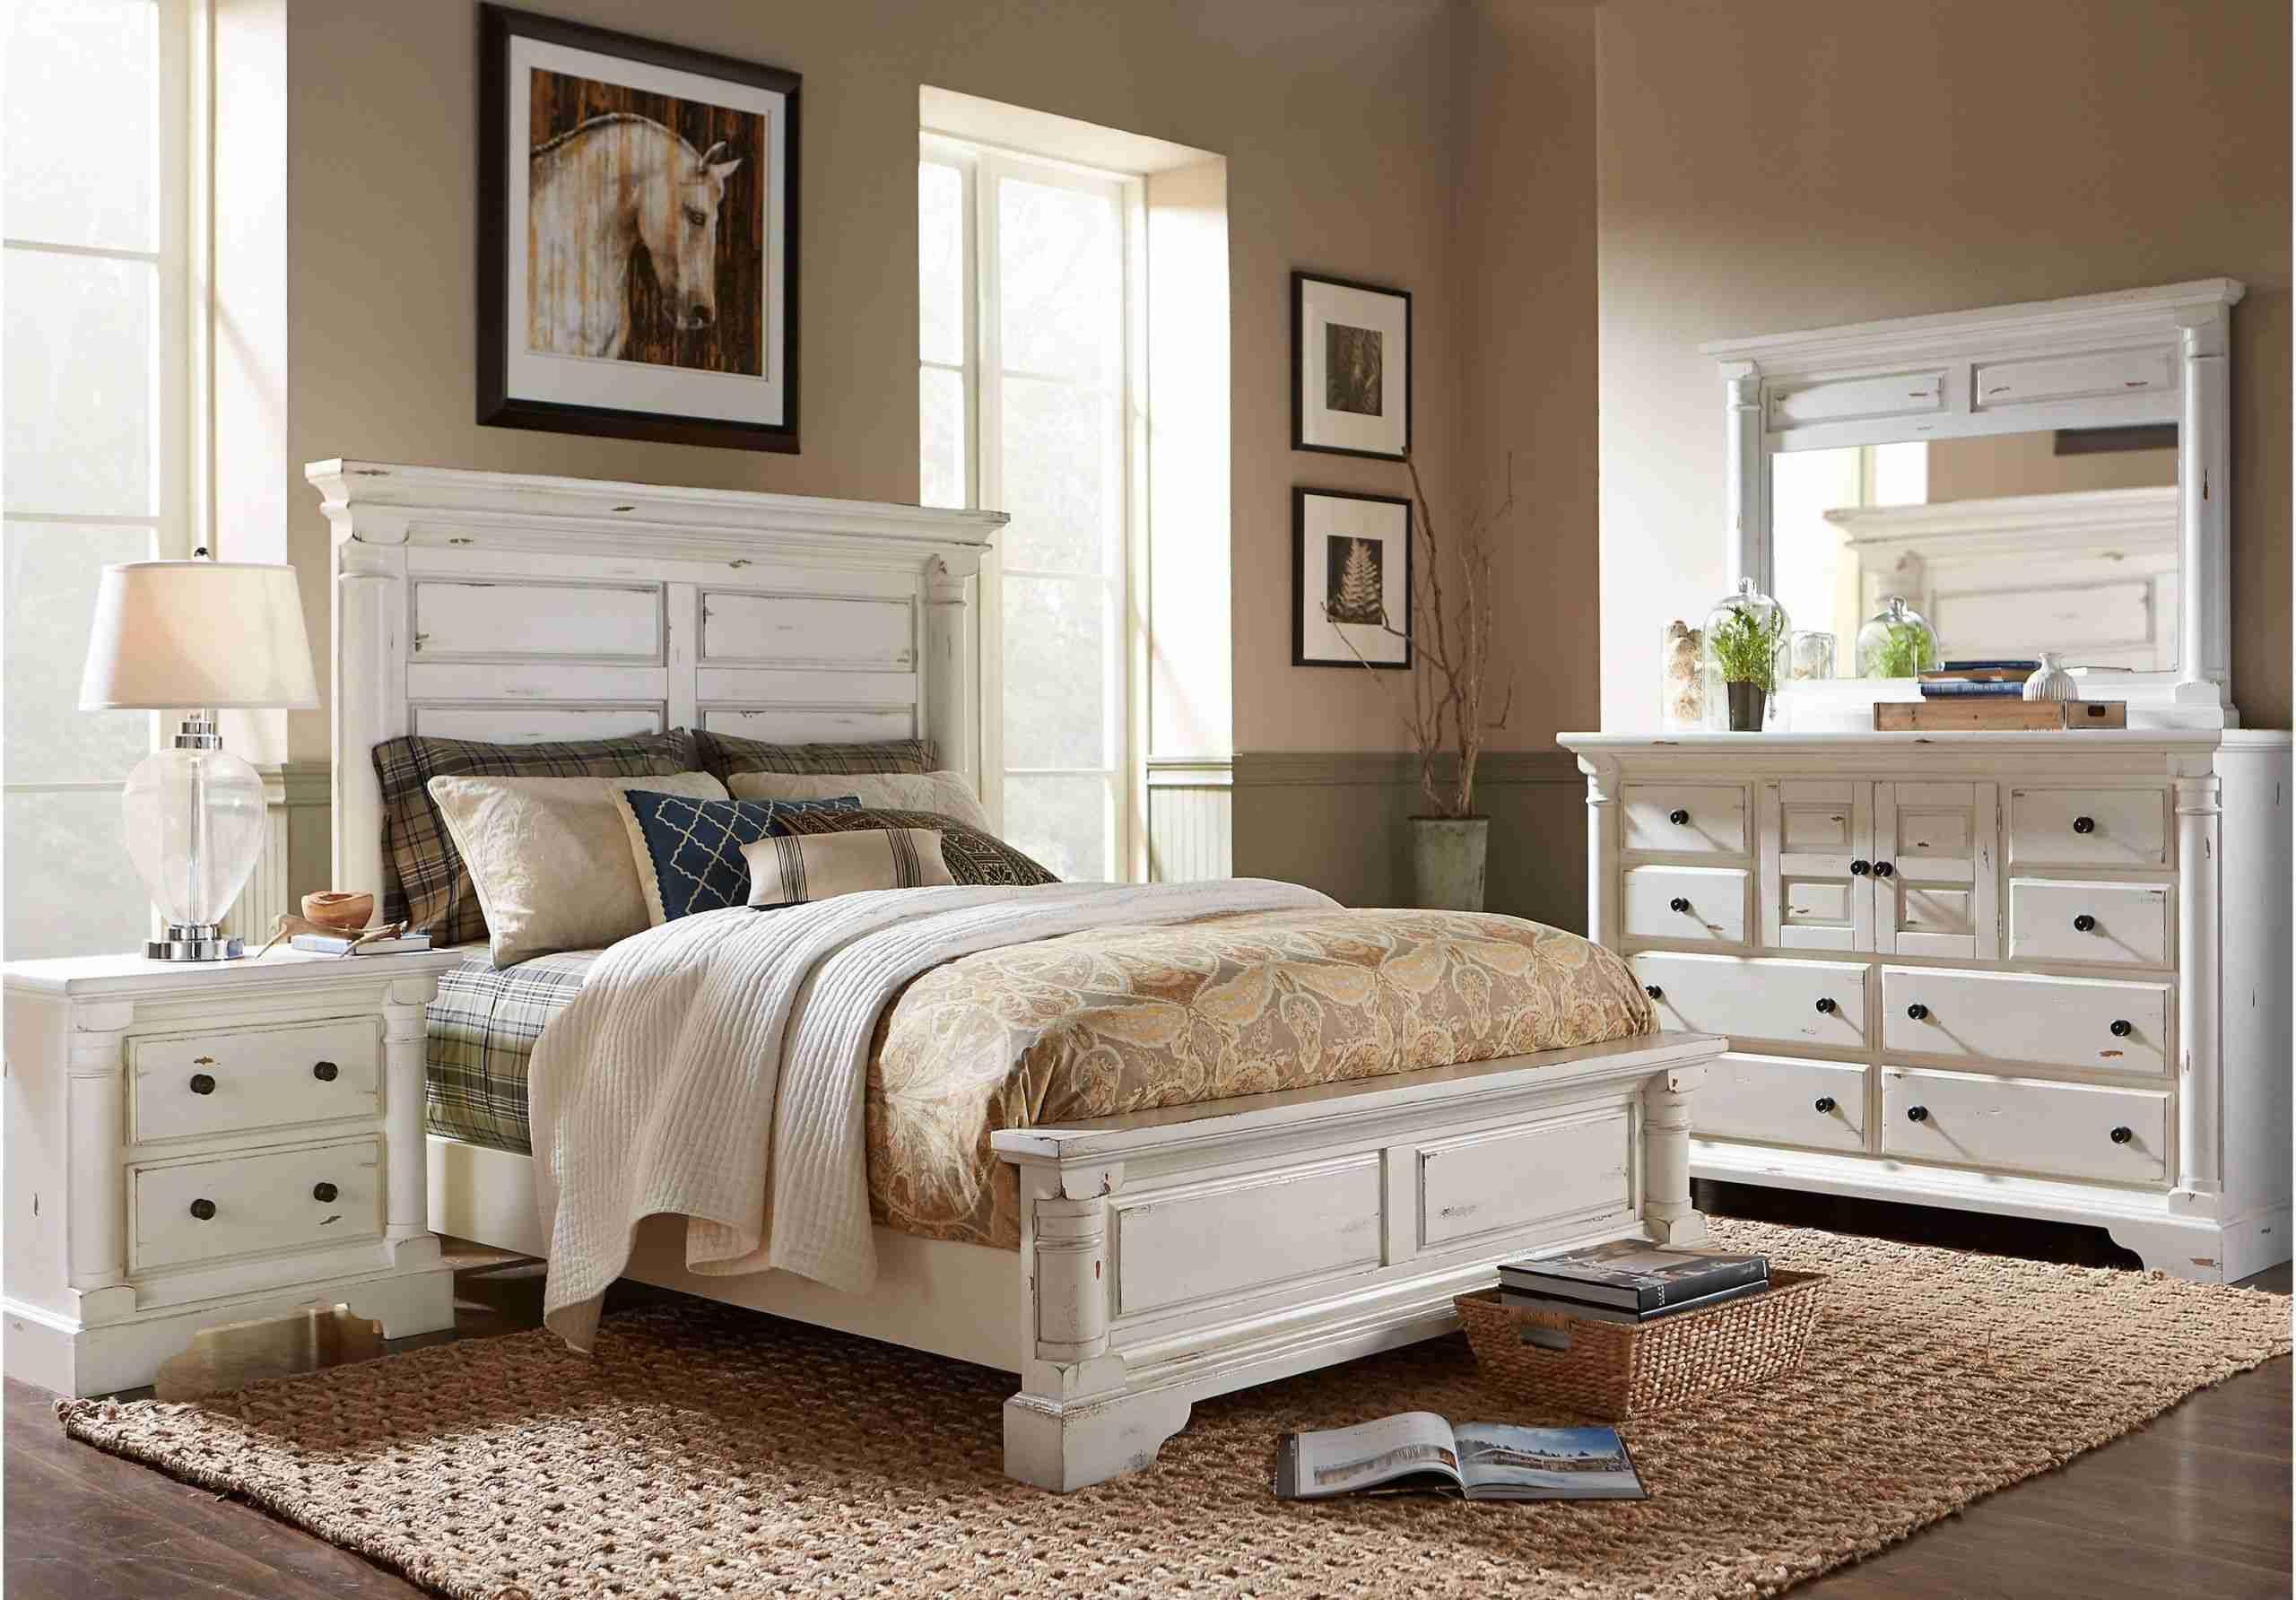 Bedroom Furniture King Size Di 2020 Dengan Gambar